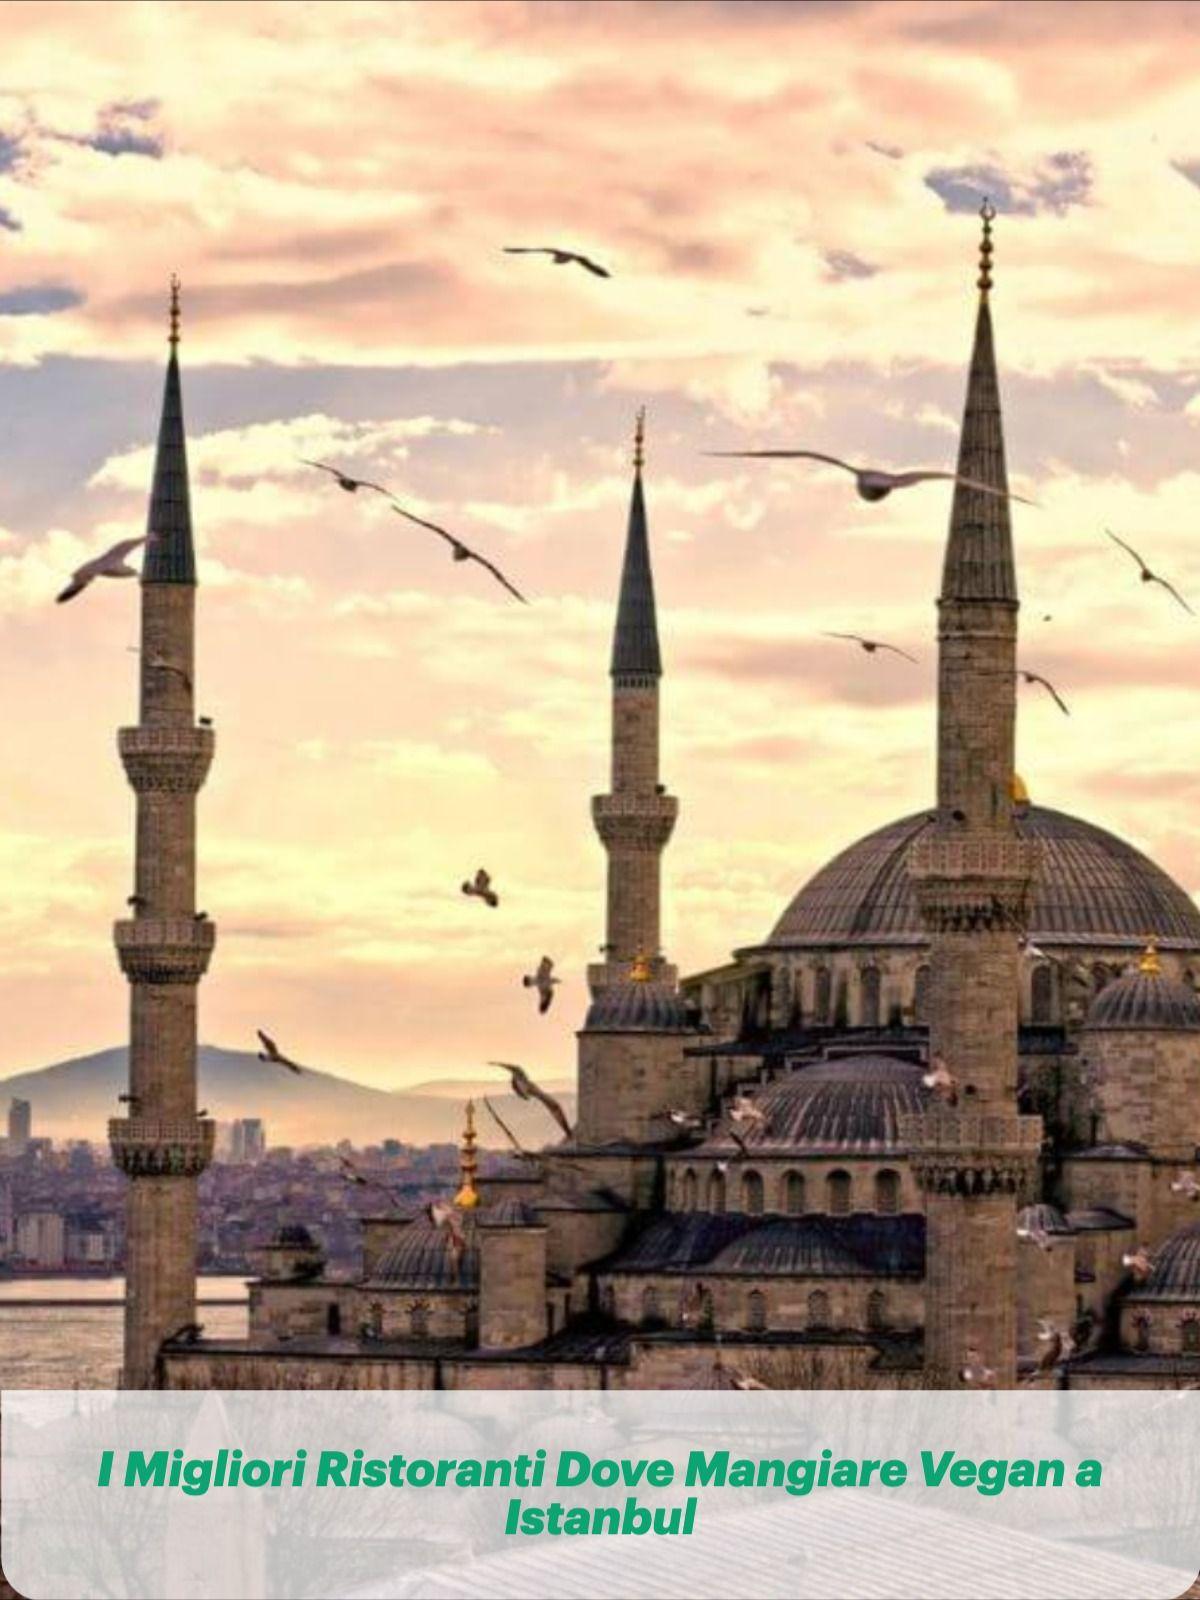 I Migliori Ristoranti Dove Mangiare Vegan Ad Istanbul nel ...